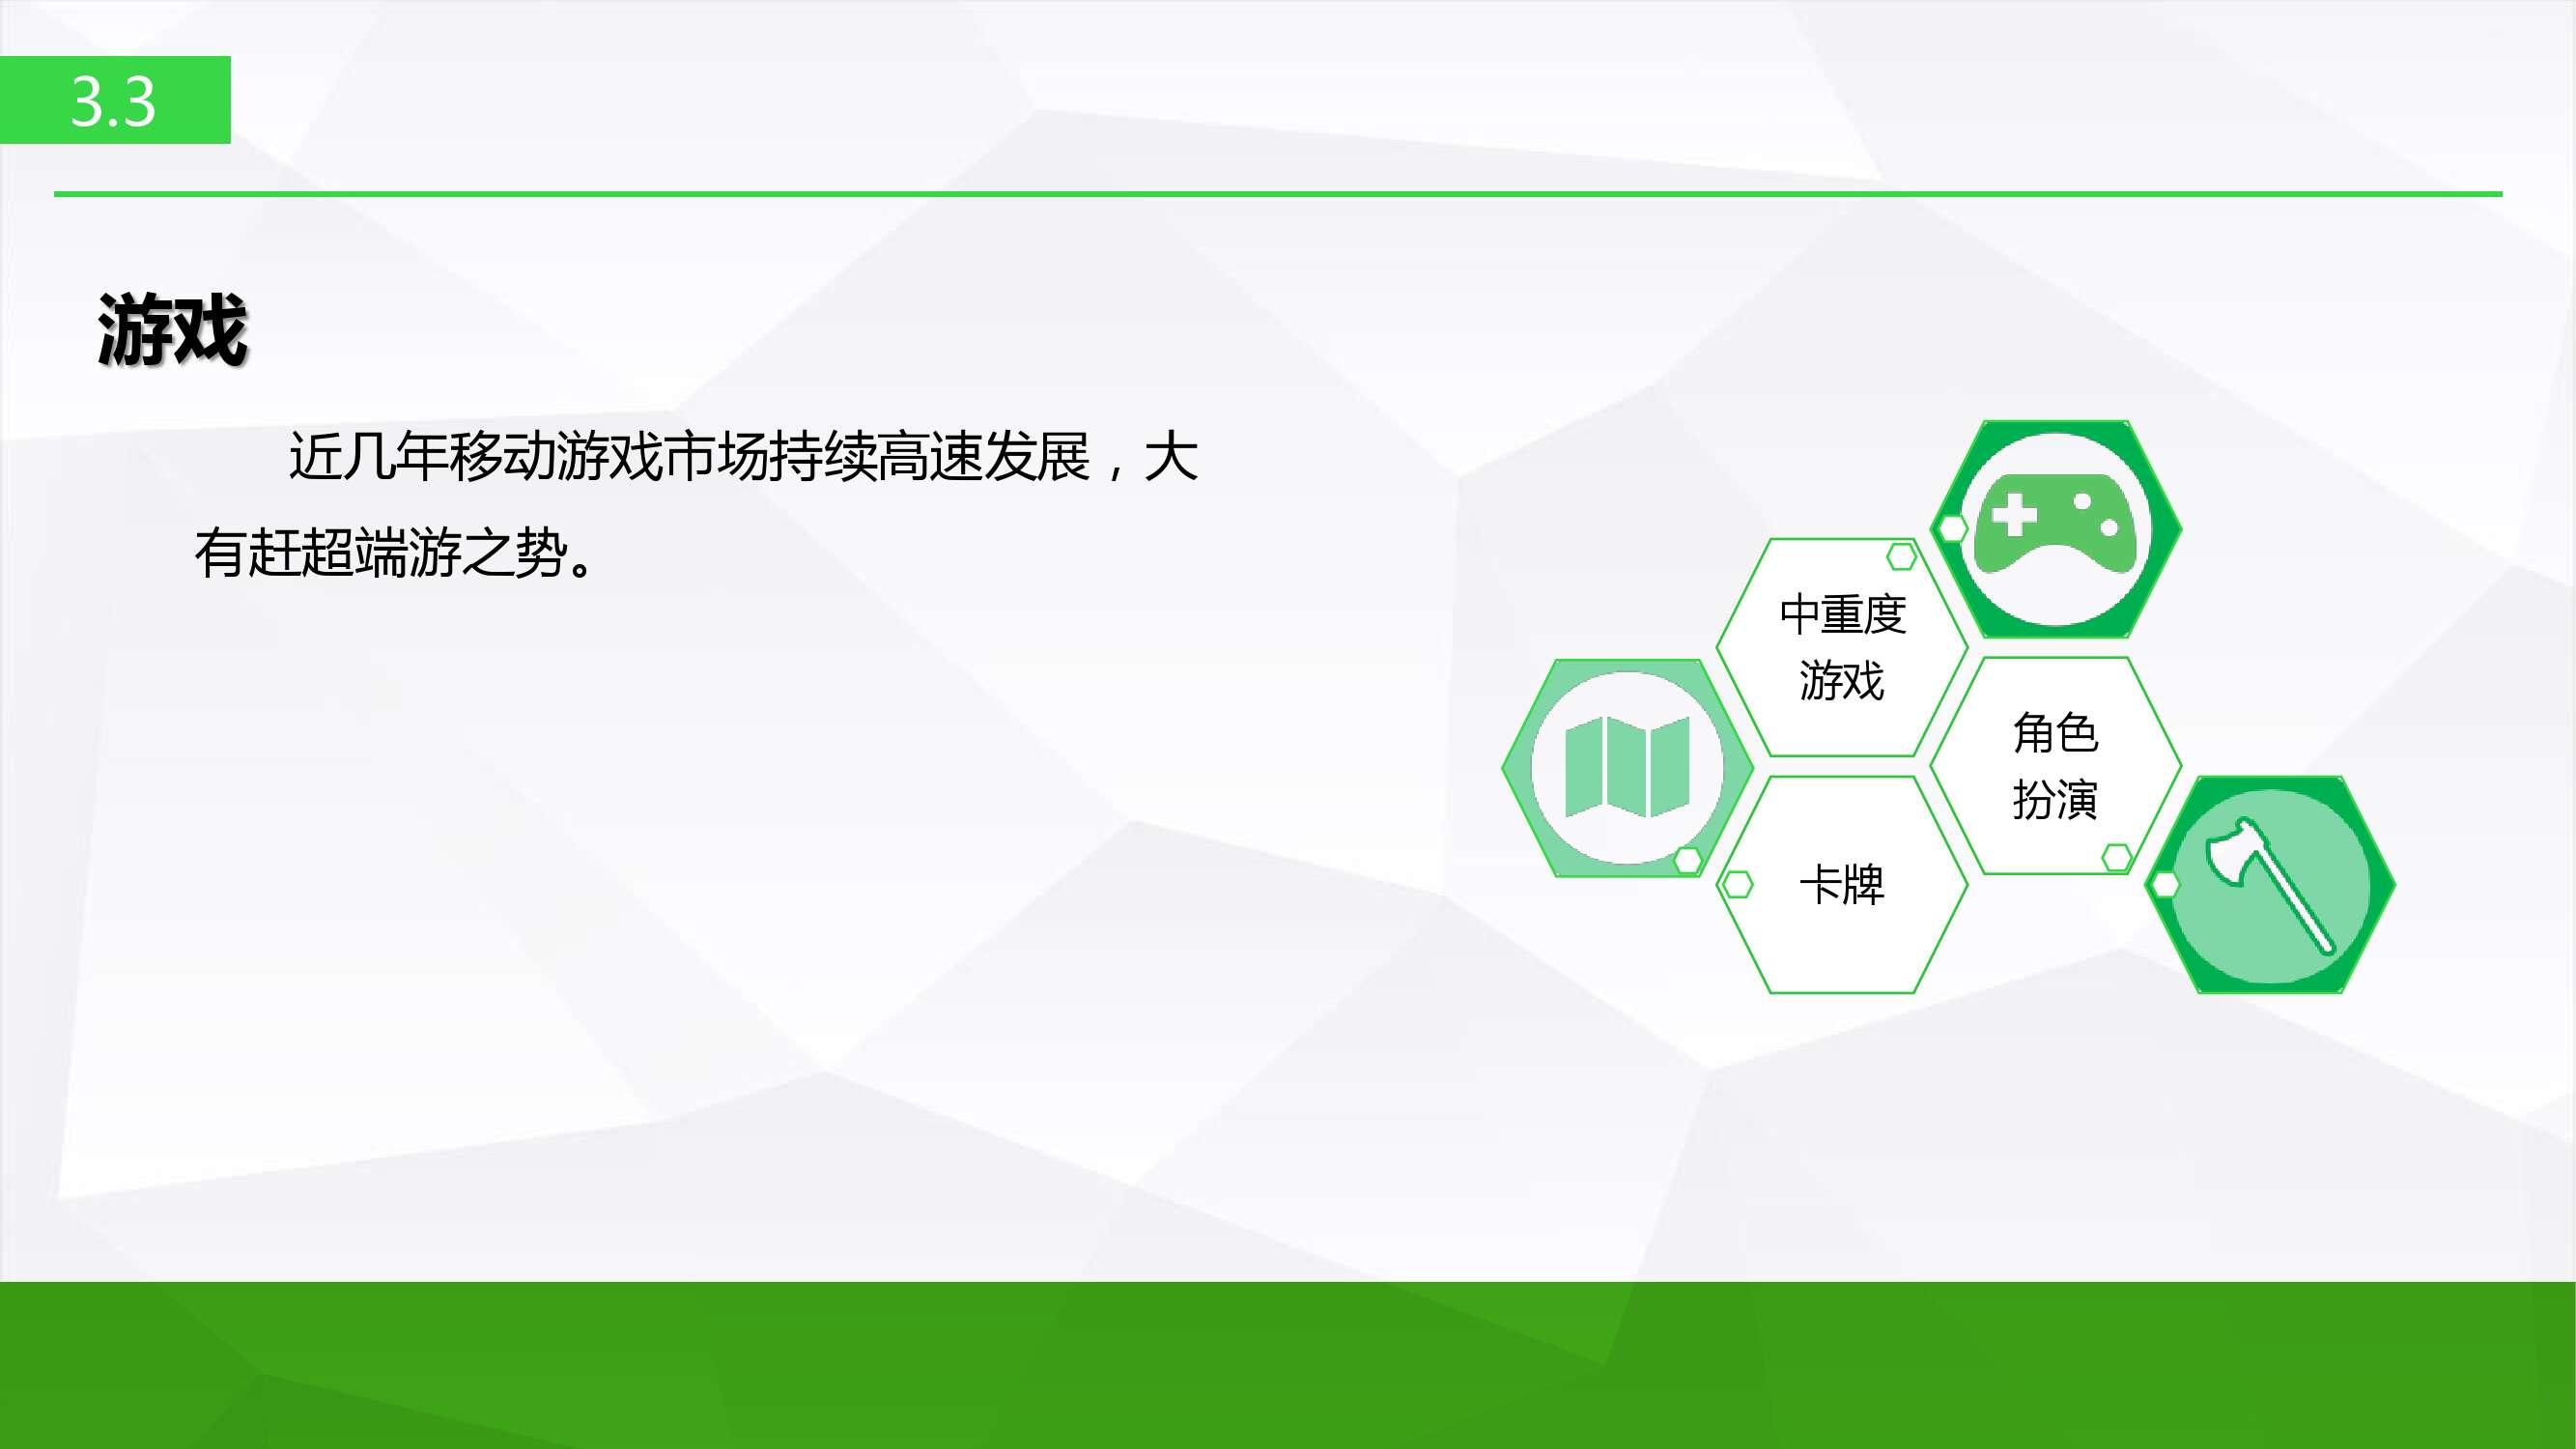 2016年手机软件行业趋势绿皮书_000032